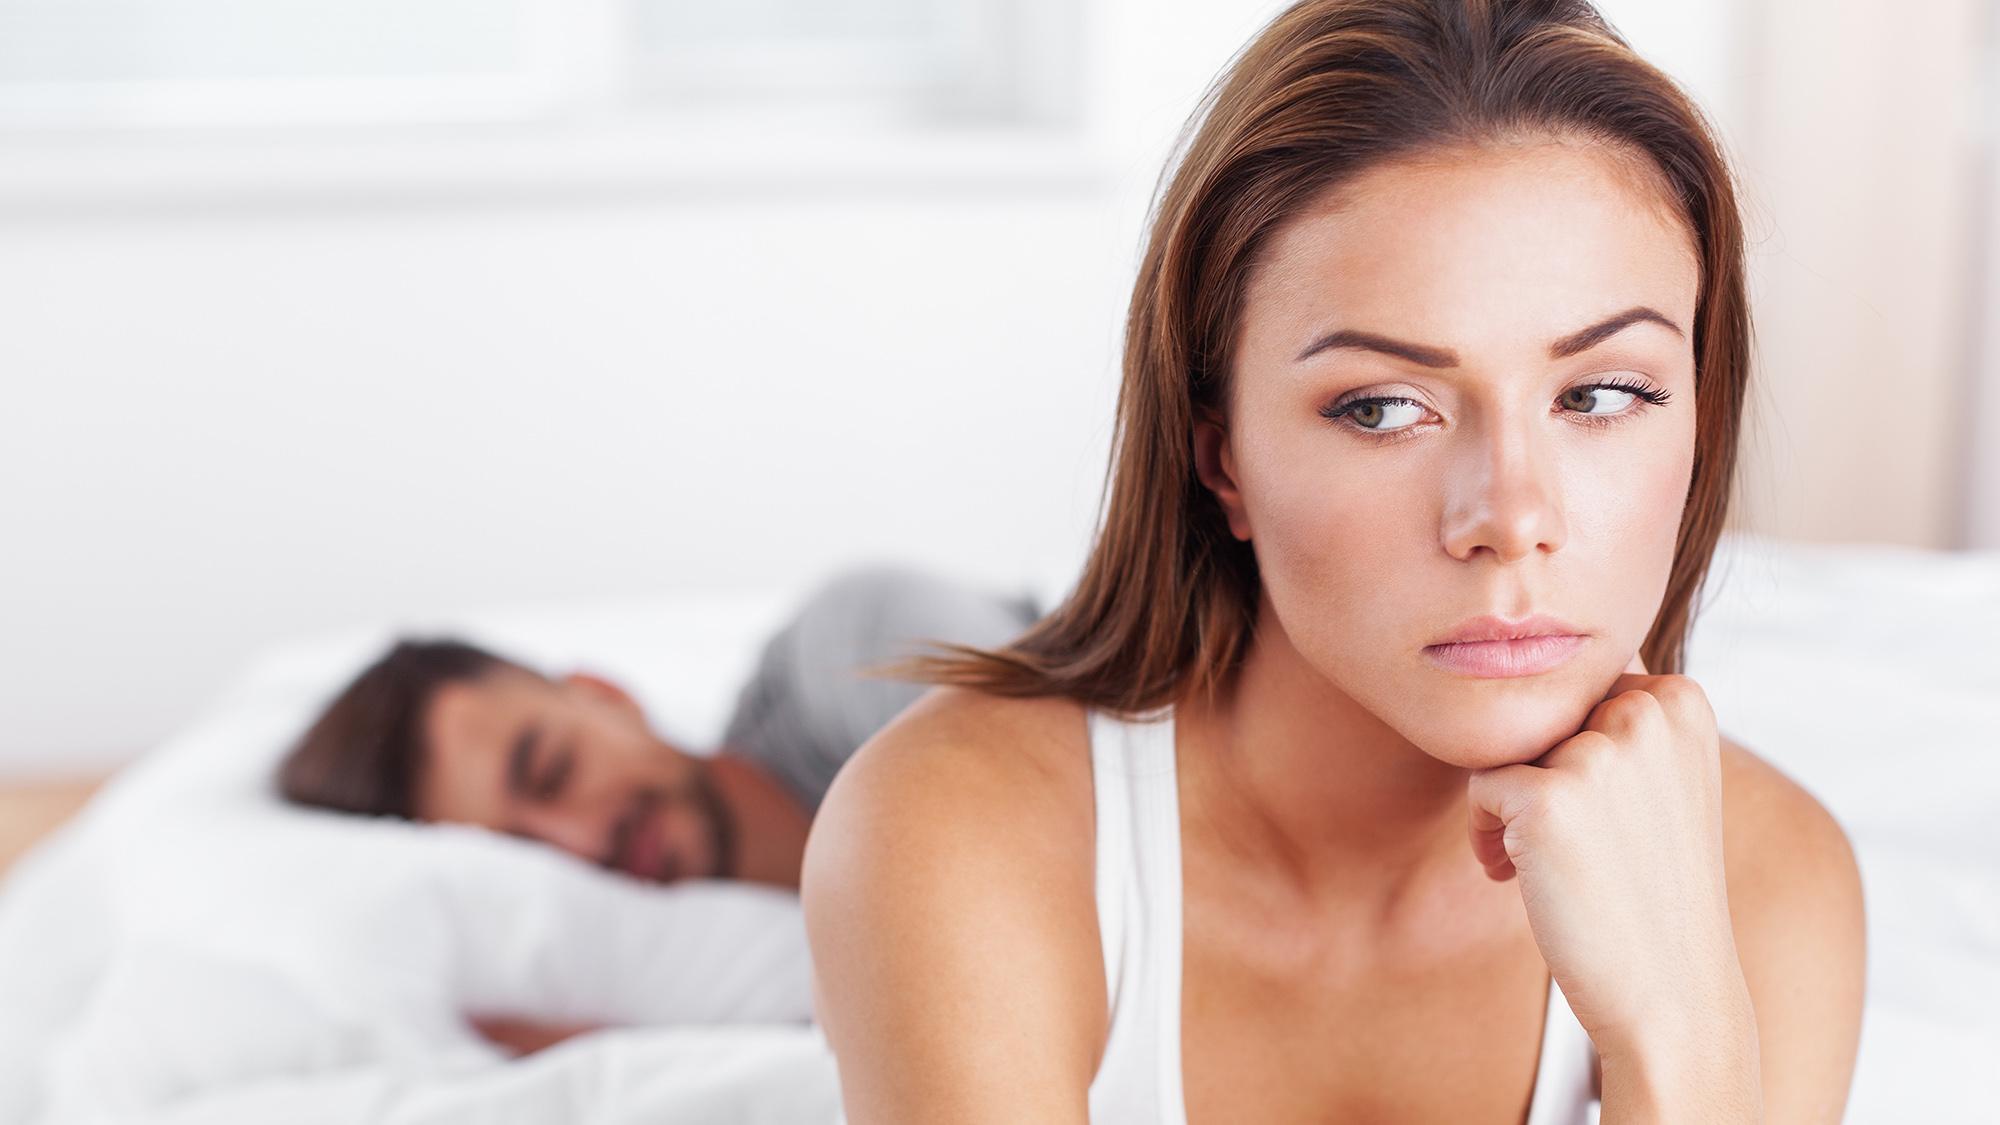 bolest anální po análním sexu exxtra malý dospívající sex